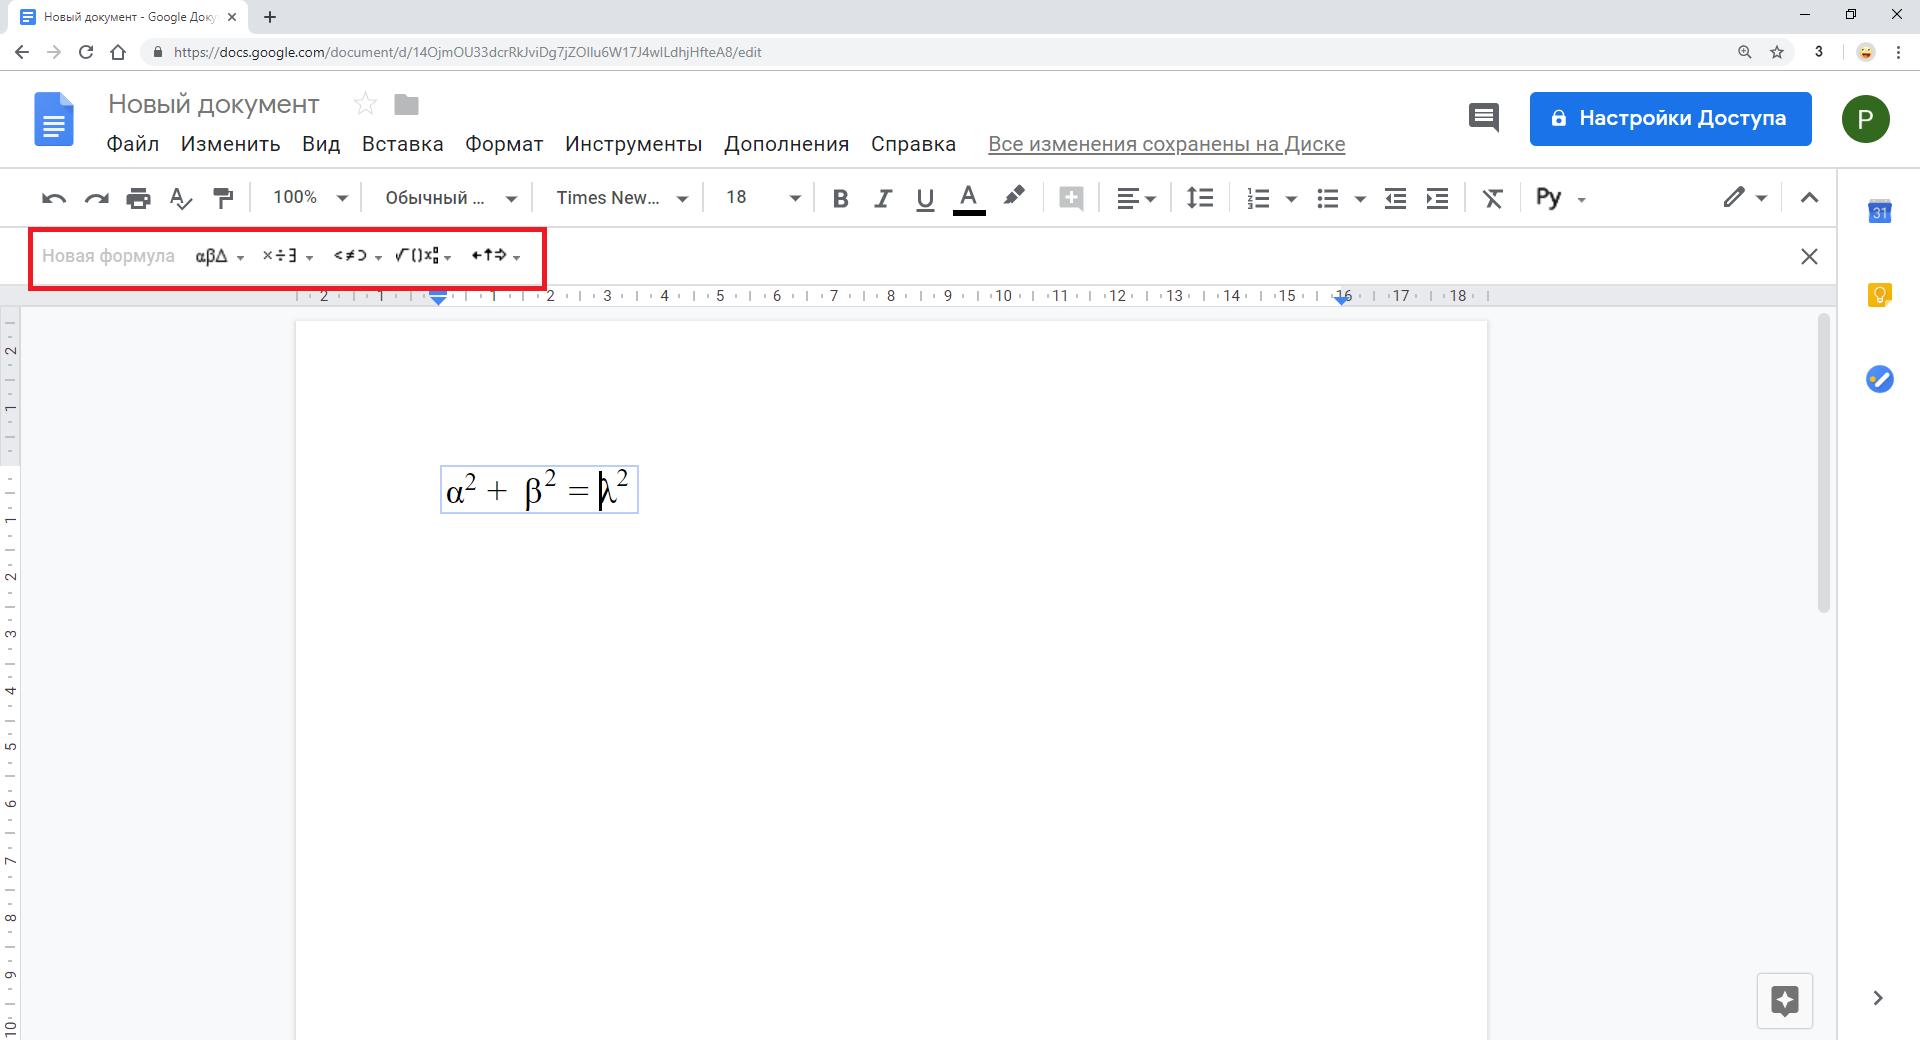 формулы в документе